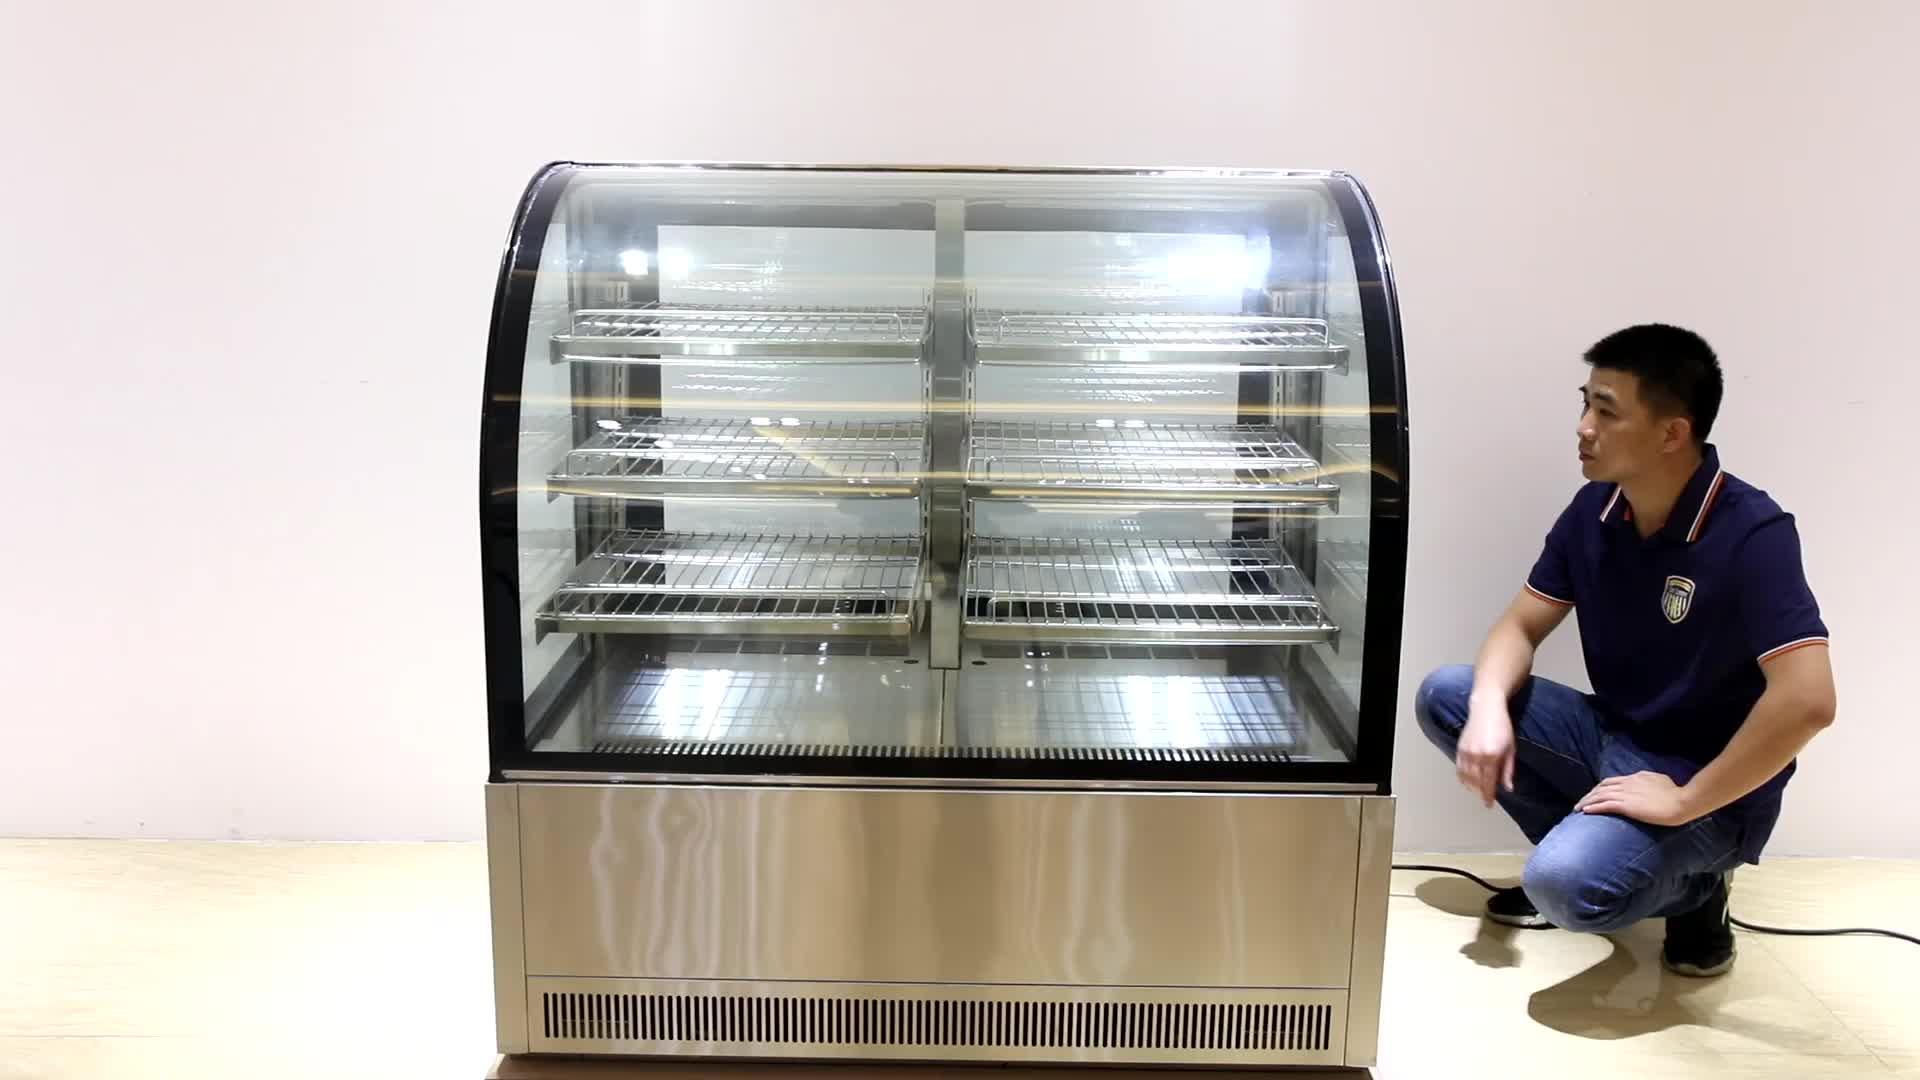 Kommerziellen Edelstahl kühlschrank kälte/Gefrierschrank und Kühlschrank